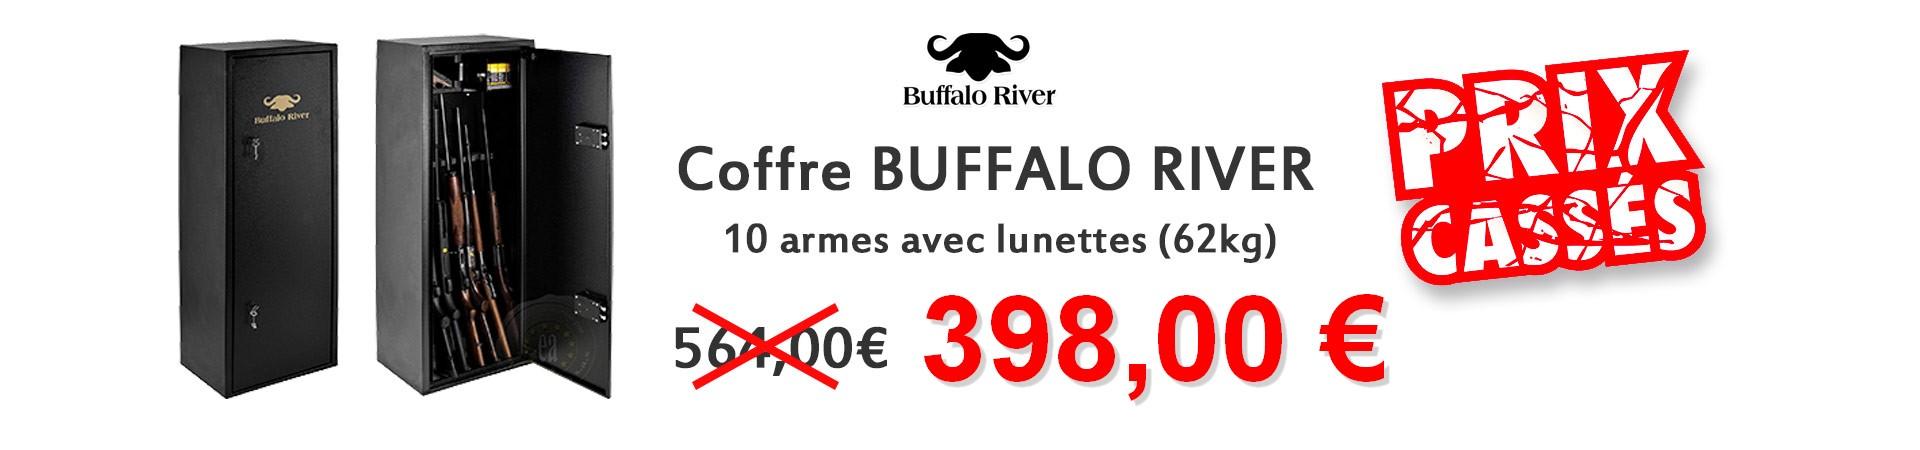 Coffre BUFFALO RIVER 10 armes avec lunettes